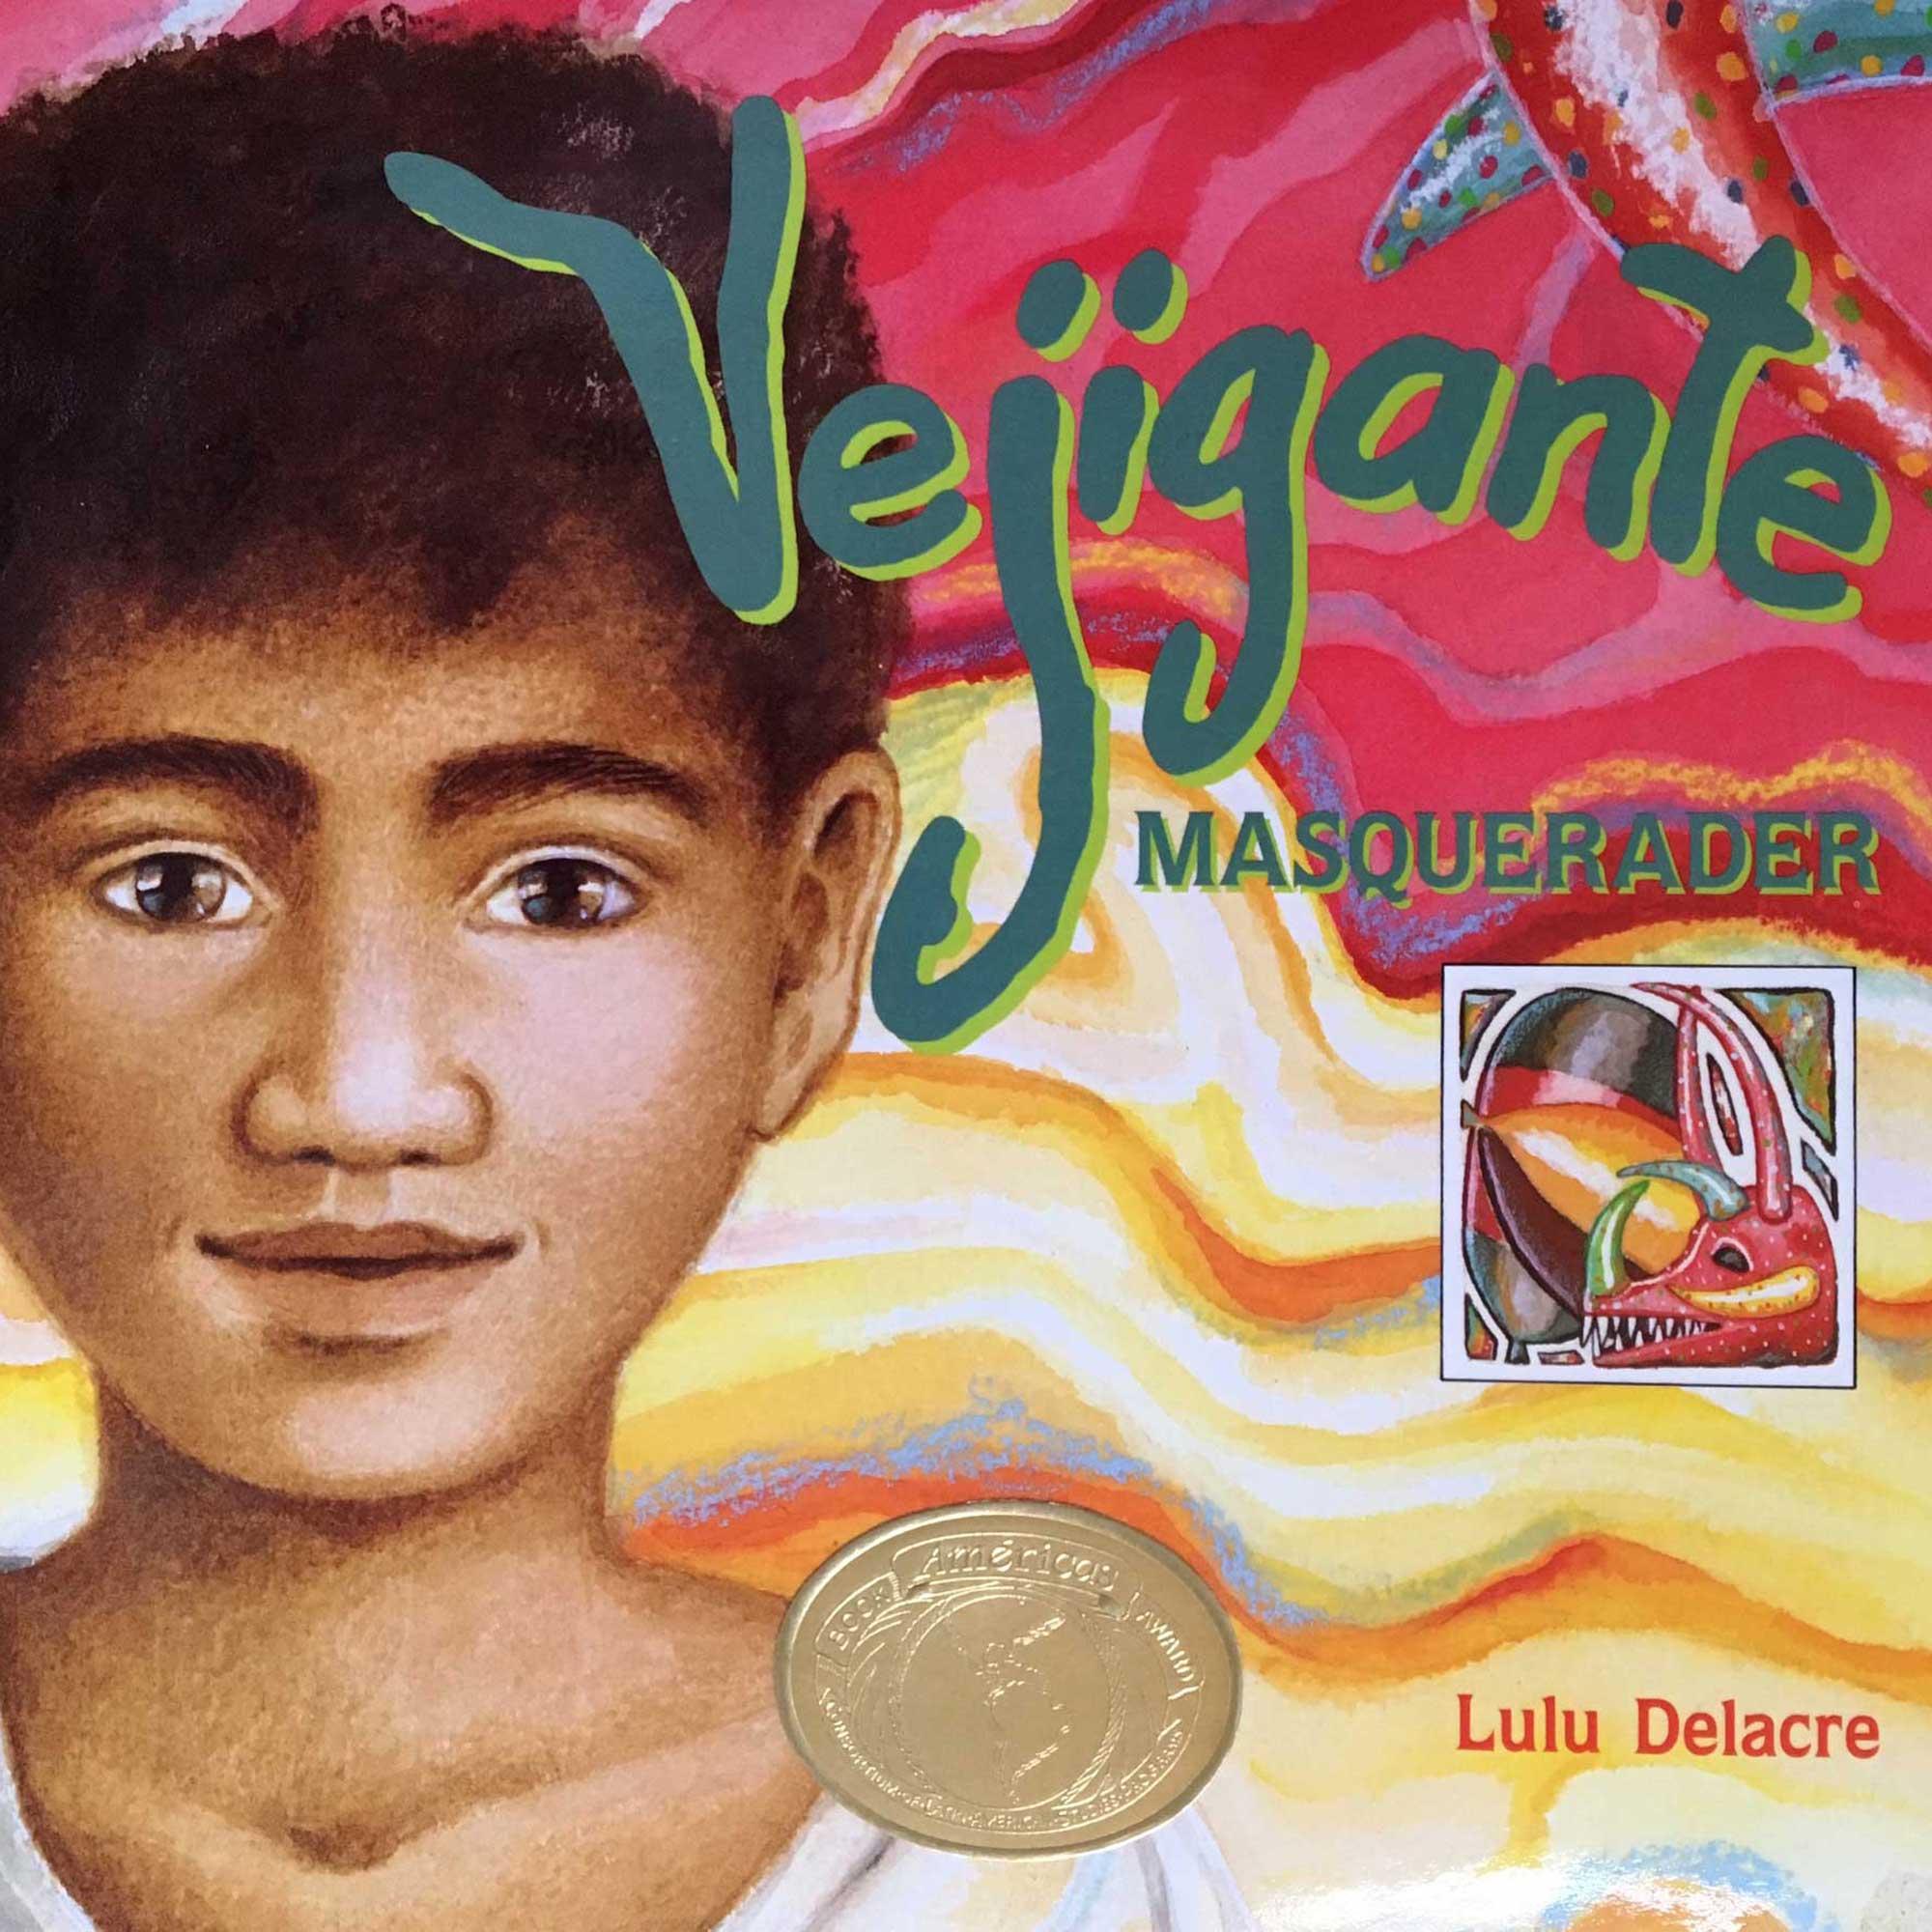 vejiante masquerader book by lulu delacre